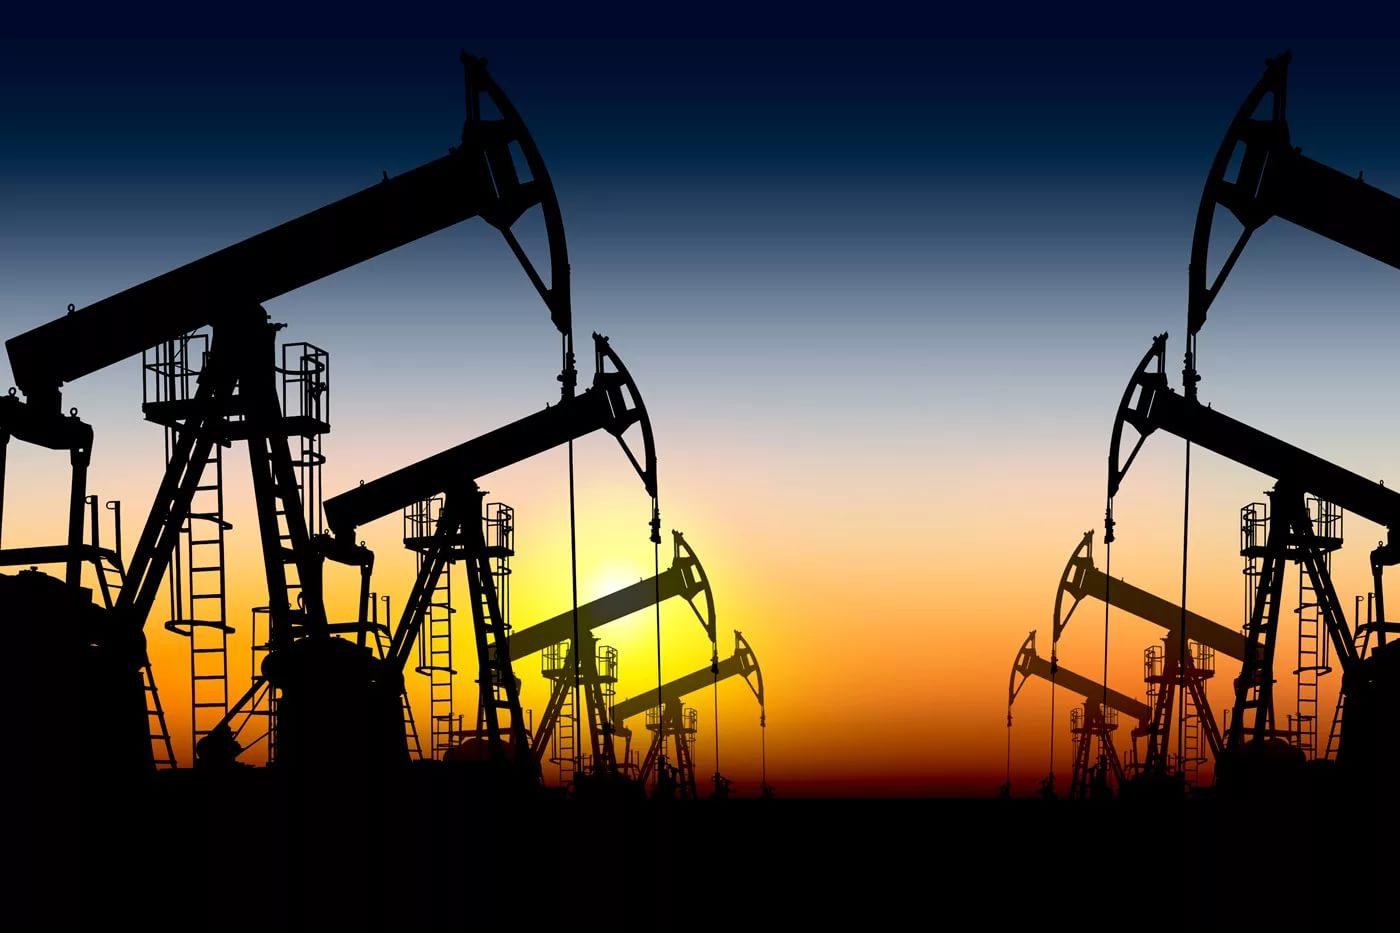 Недра - народу! КПРФ предлагает распределять между всеми трудящимися и пенсионерами нефтегазовые доходы